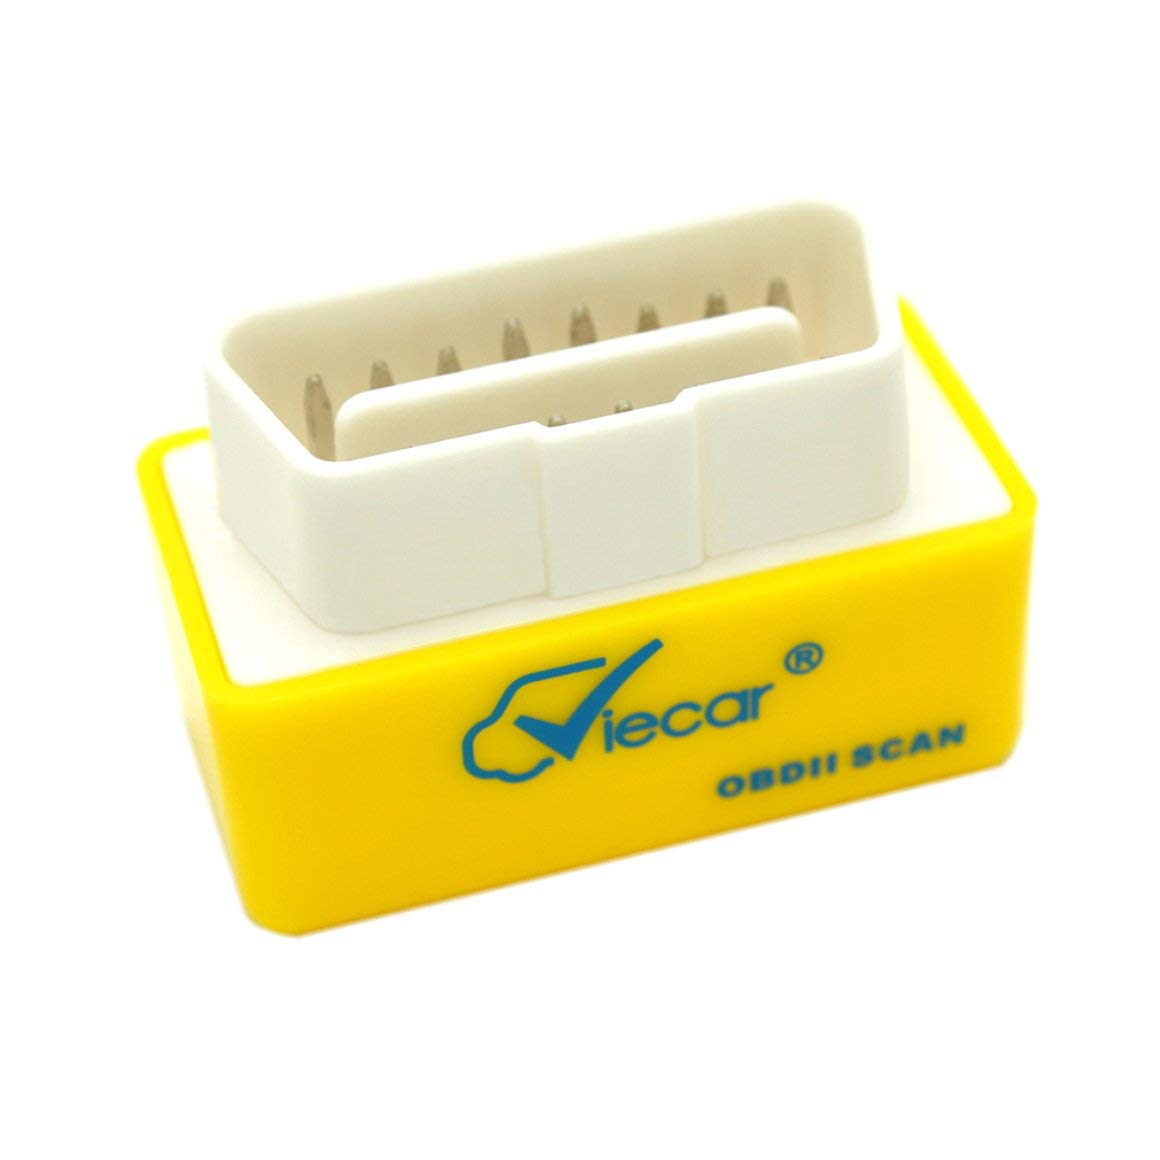 Funnyrunstore Mise à niveau de la qualité VC001-A1.5 / B2.1 Bluetooth 2.0 OBD2 Instrument de litige automobile Outil de diagnostic de scanner de voiture (jaune)